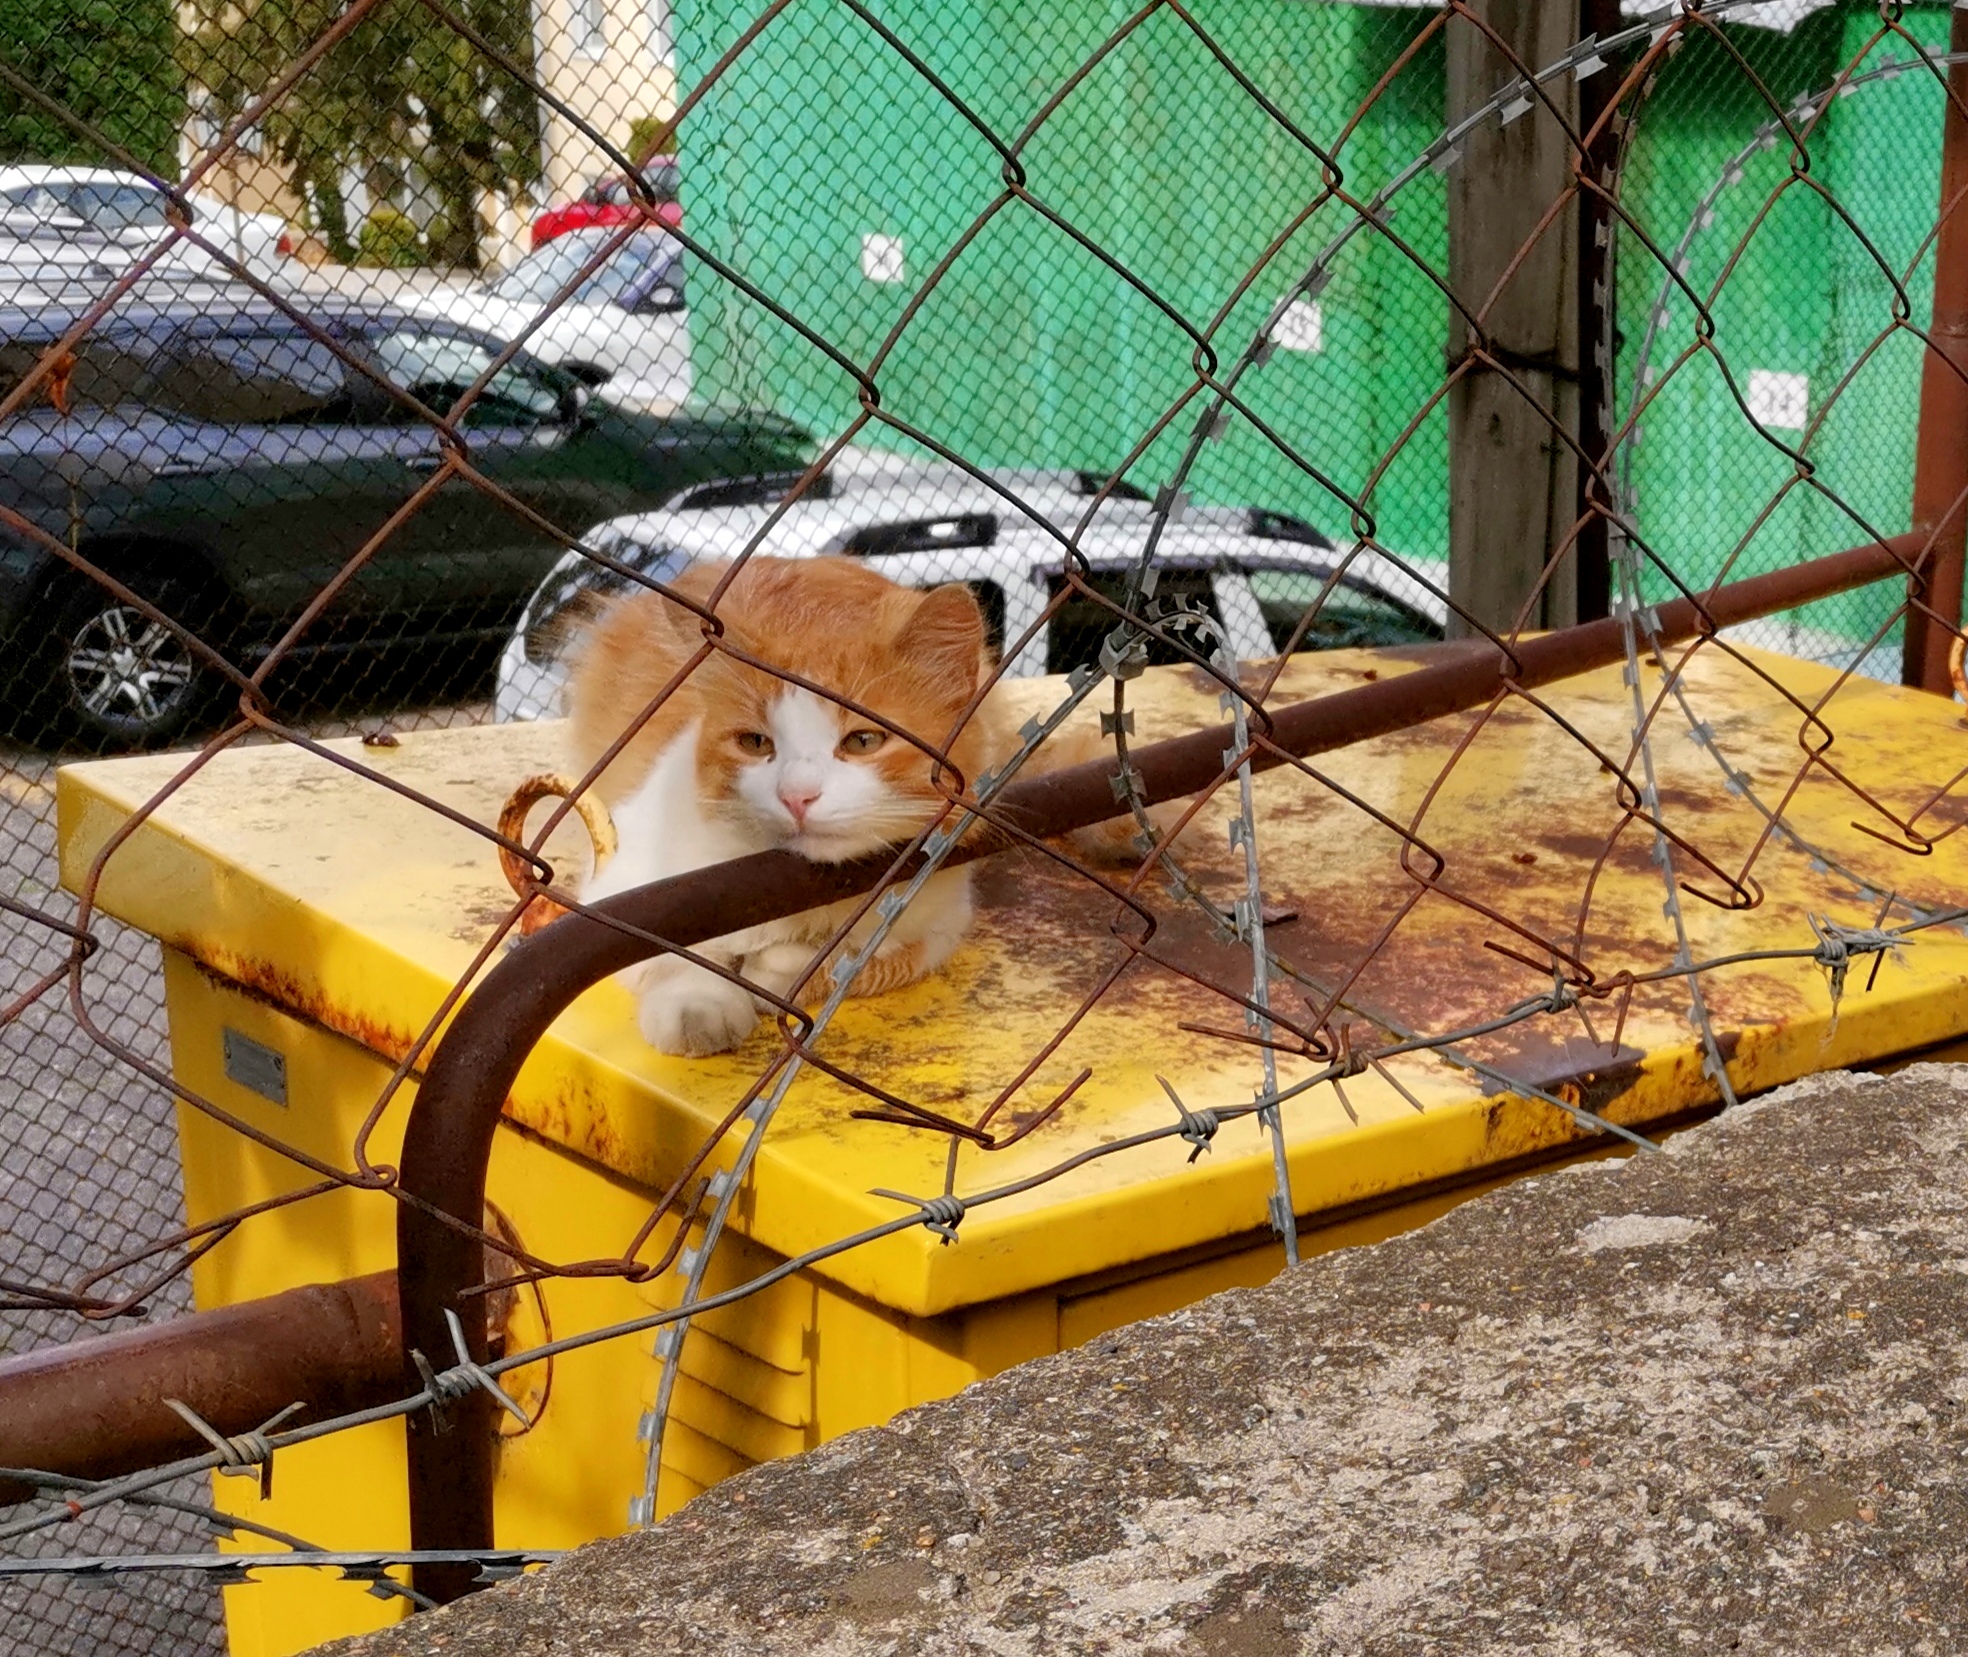 Вчера в Железноводске было столько котиков! А сегодня в Кисловодске удалось выбрать только двух...